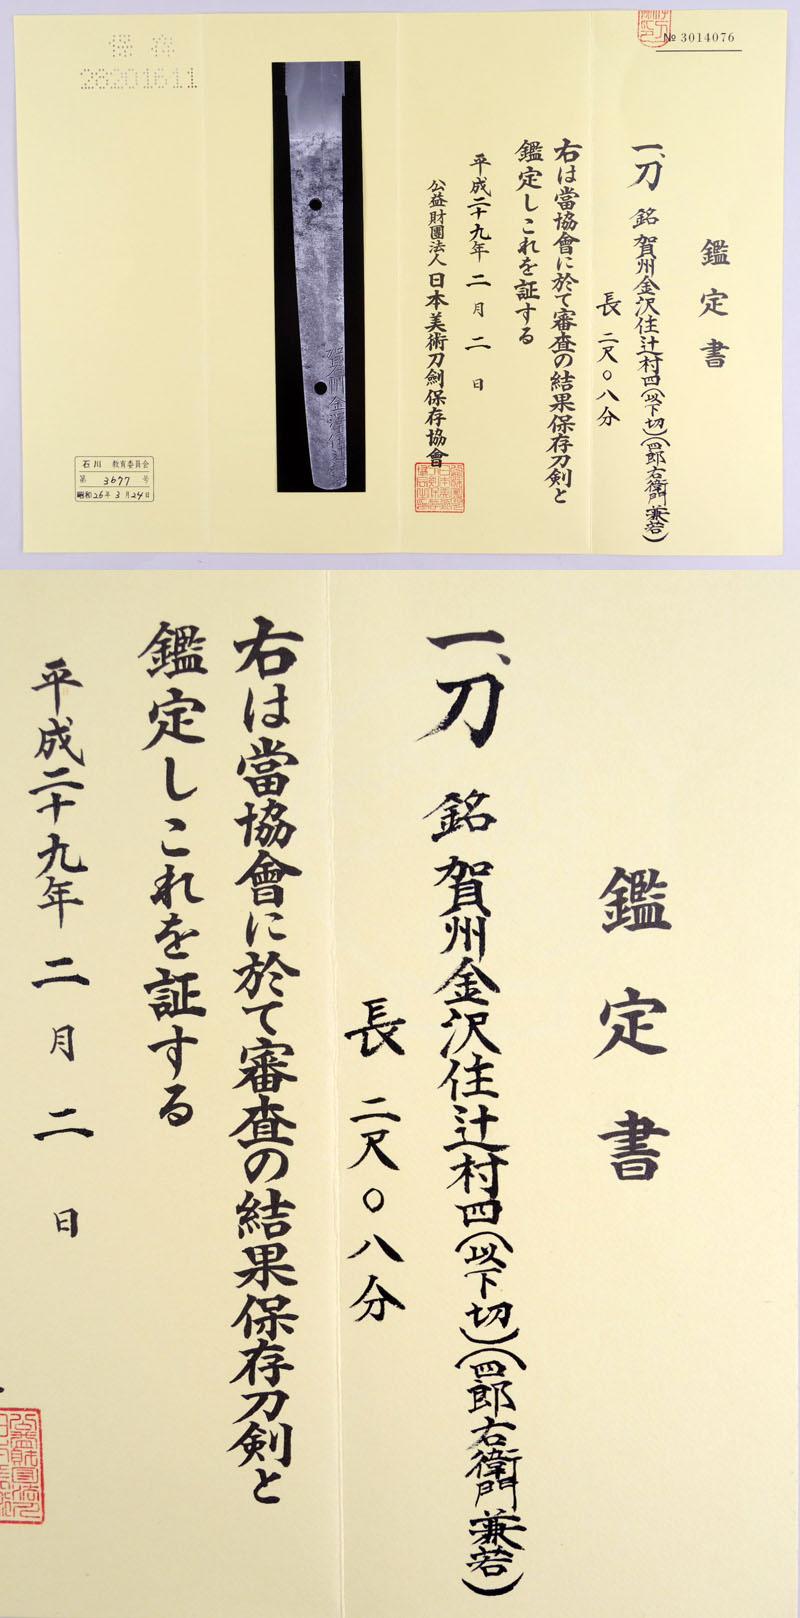 賀州金沢住辻村四(以下切)(四郎右衛門兼若)(三代兼若) Picture of Certificate